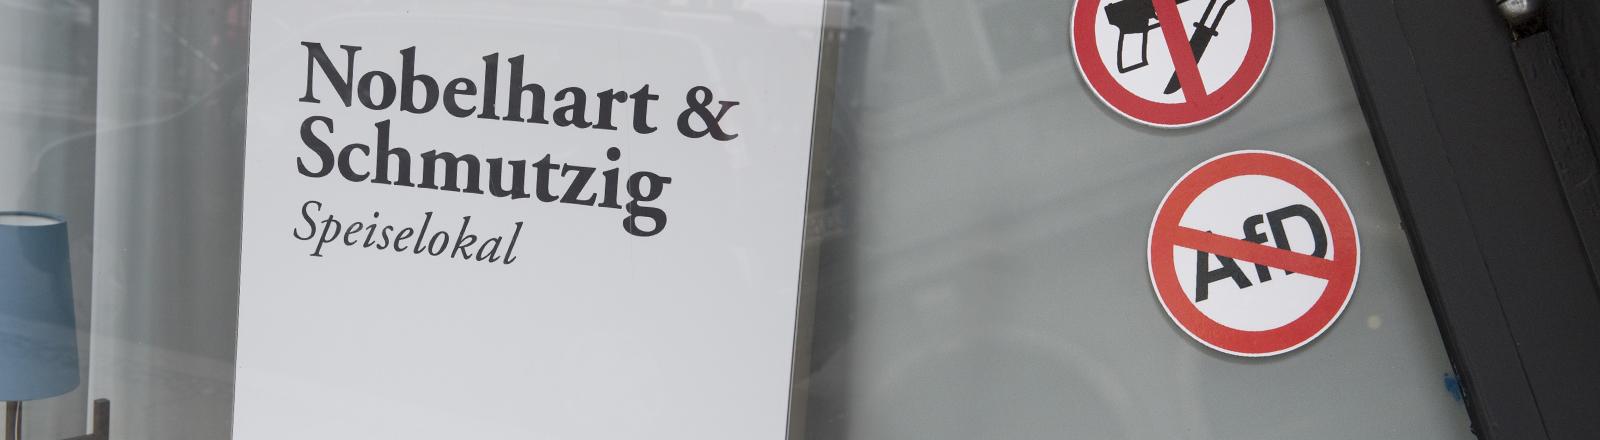 """Das Restaurant Nobelhart & Schmutzig hat den Aufkleber """"Keine AfD"""" aufgehängt."""